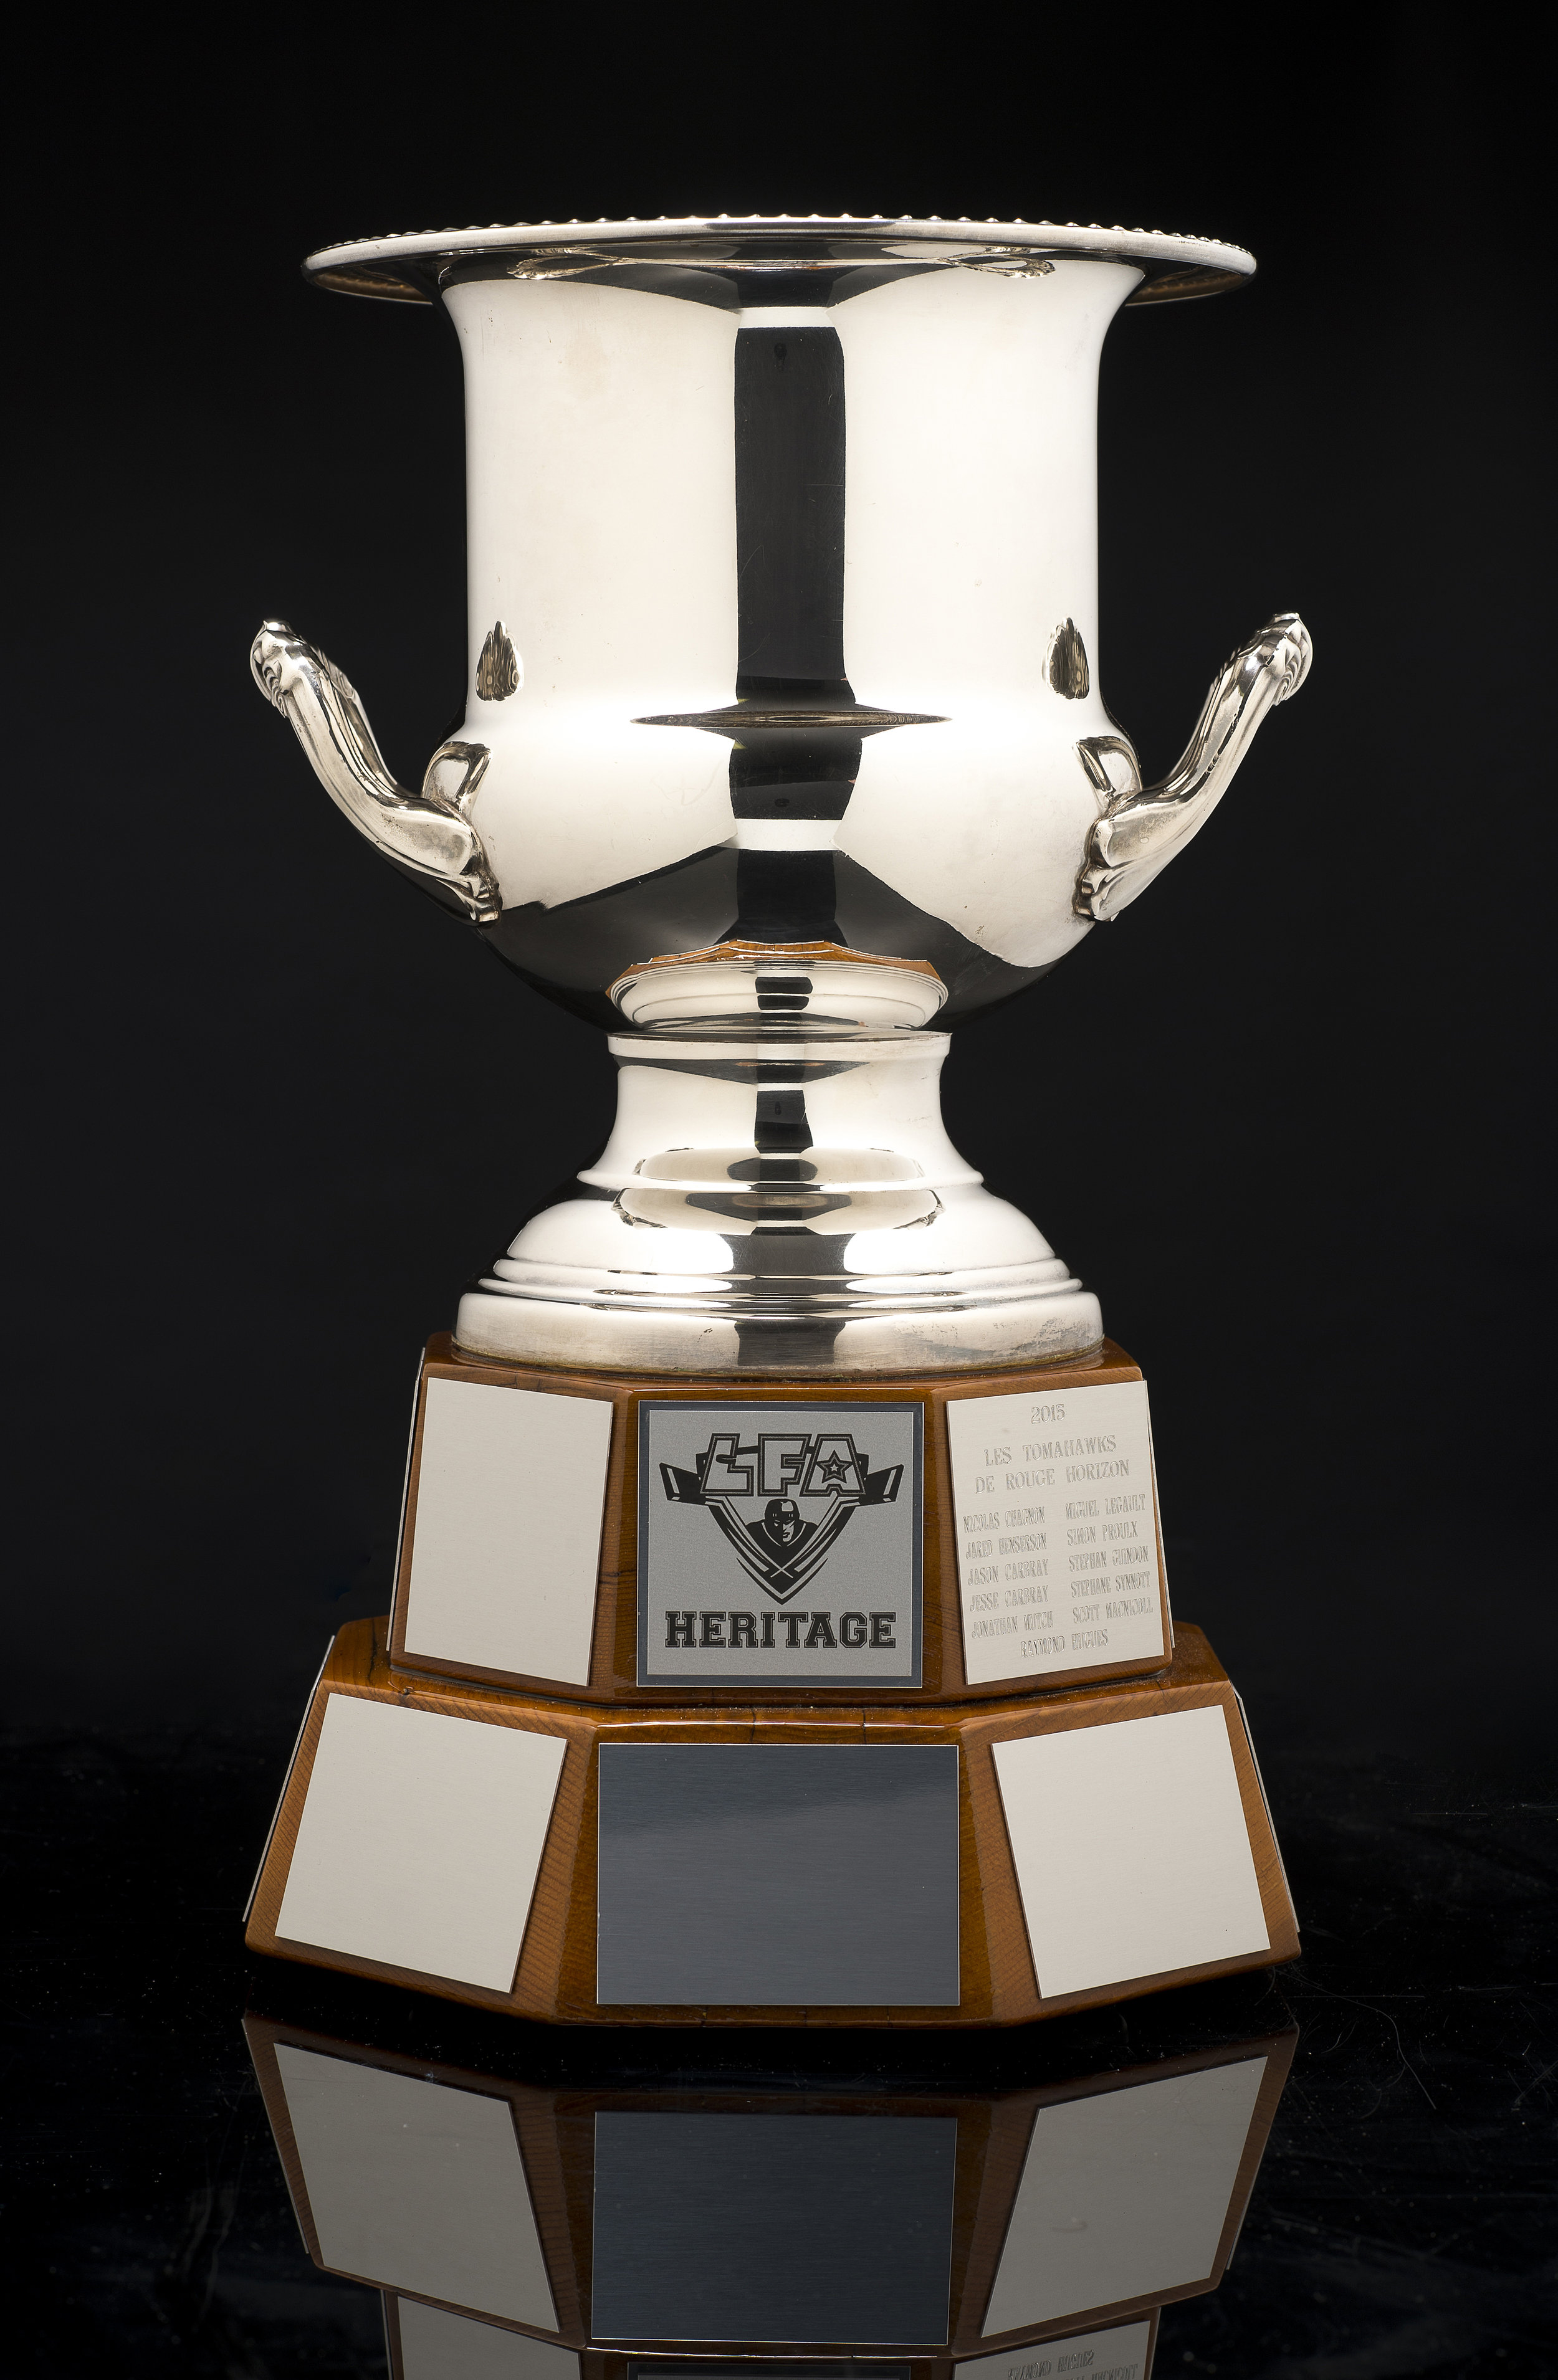 la coupe héritage pour les gagnants de la saison d'été (photo bruno petrozza)